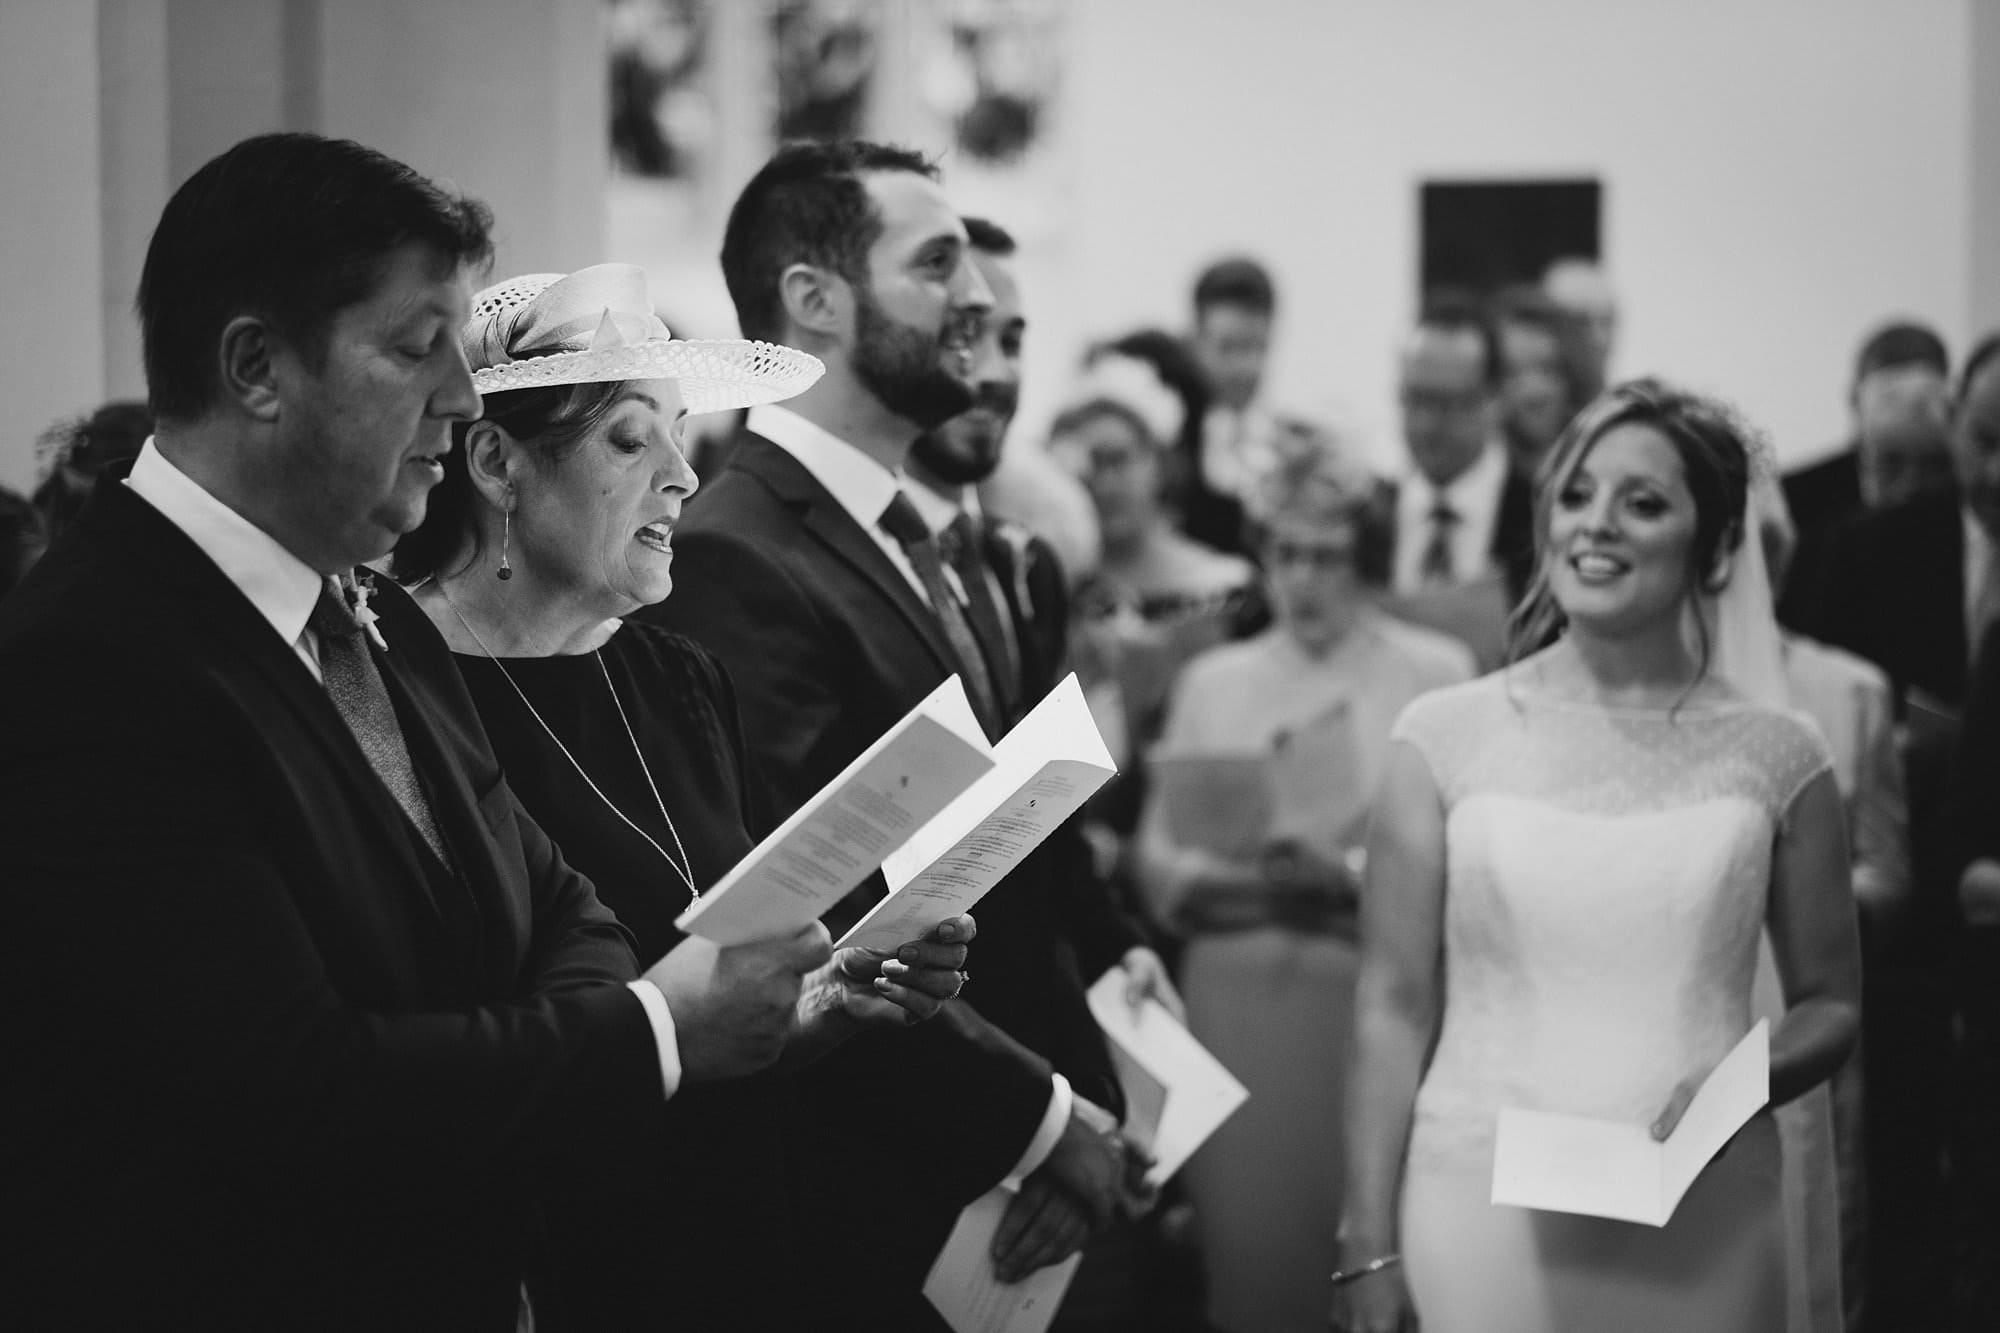 ashtead london wedding photographer 044 - Rachel & Jonny's Ashtead Wedding